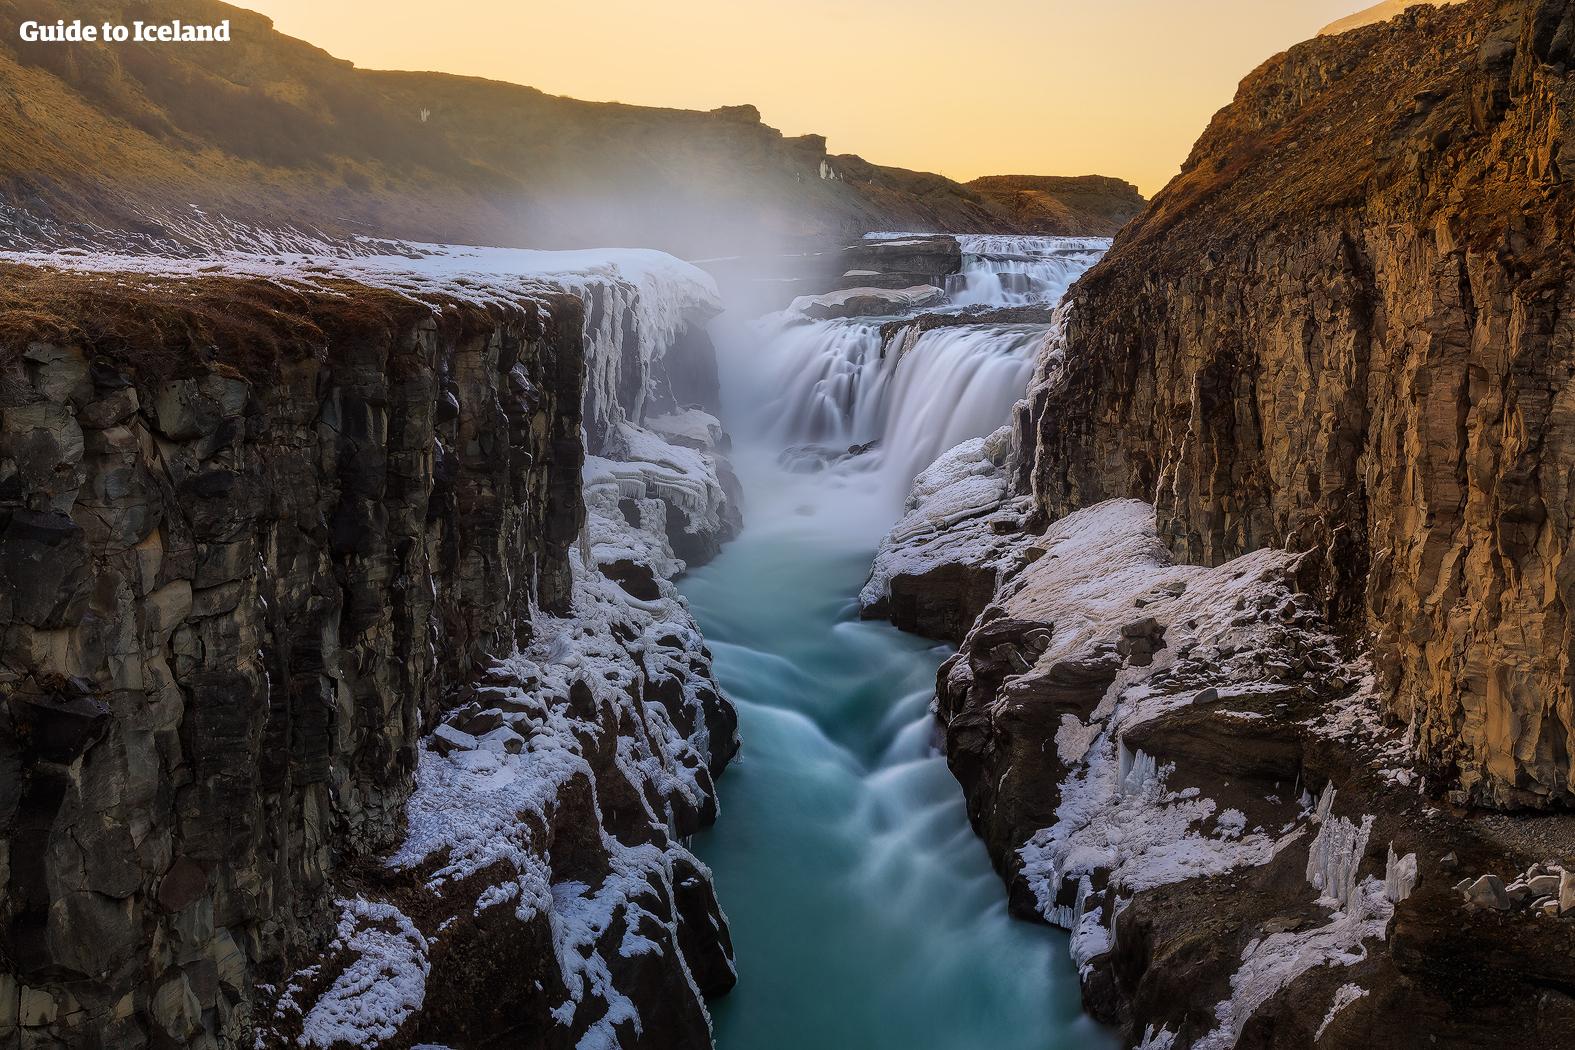 หุบเขาที่น้ำตกกุลล์ฟอสส์ได้ไหลลงไปถูกปกคลุมด้วยหิมะเมื่อถูกฤดูหนาวเข้ายึดภาคใต้ของประเทศไอซ์แลนด์.